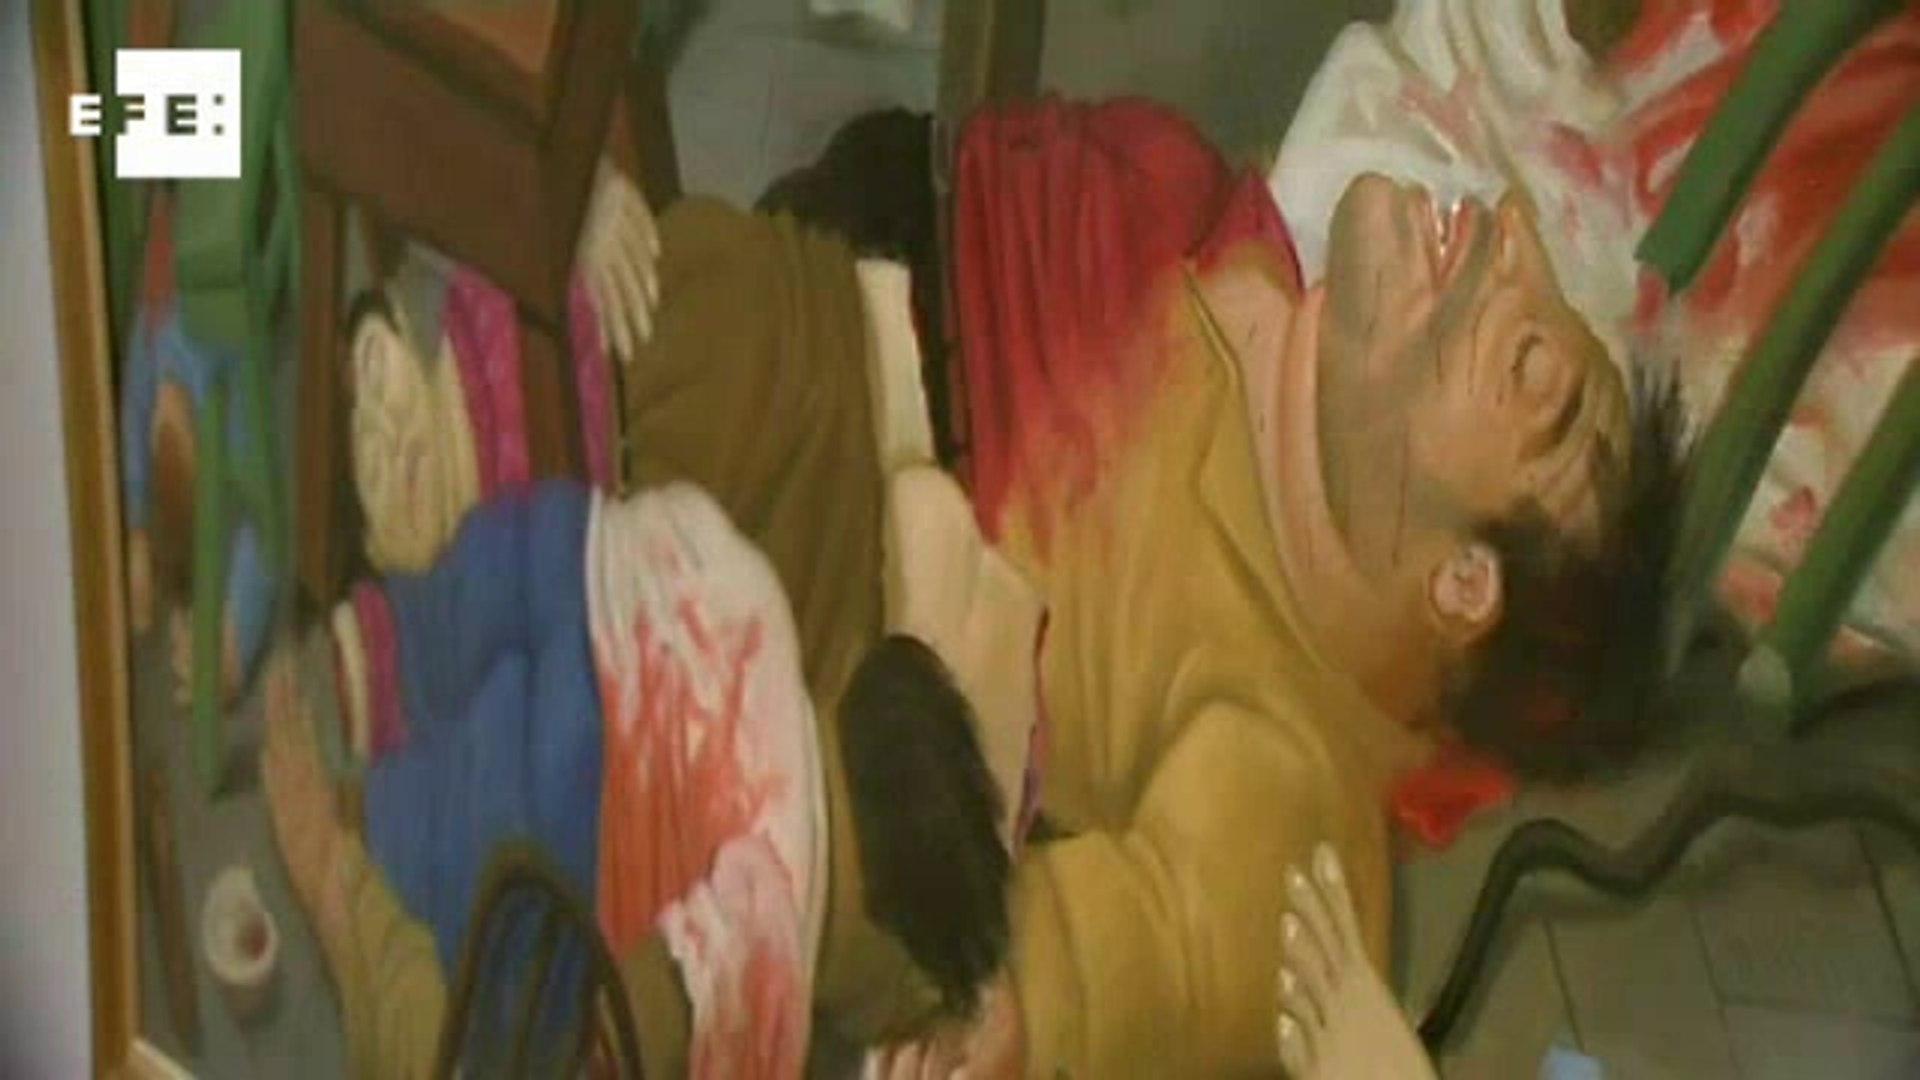 Botero Pintores sempre trabalham a exaltação da vida